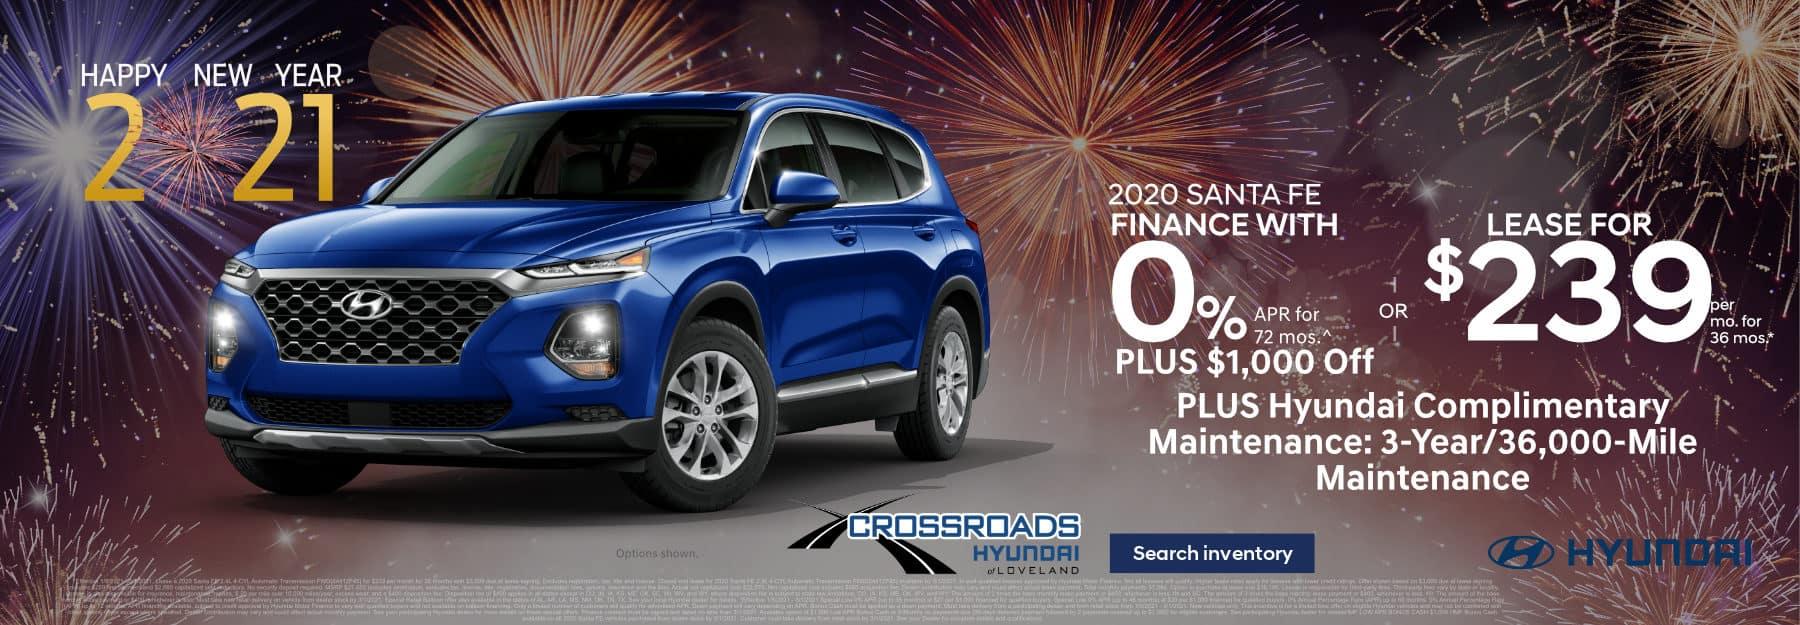 January_2021_Santa Fe_CROSSROADS_Hyundai